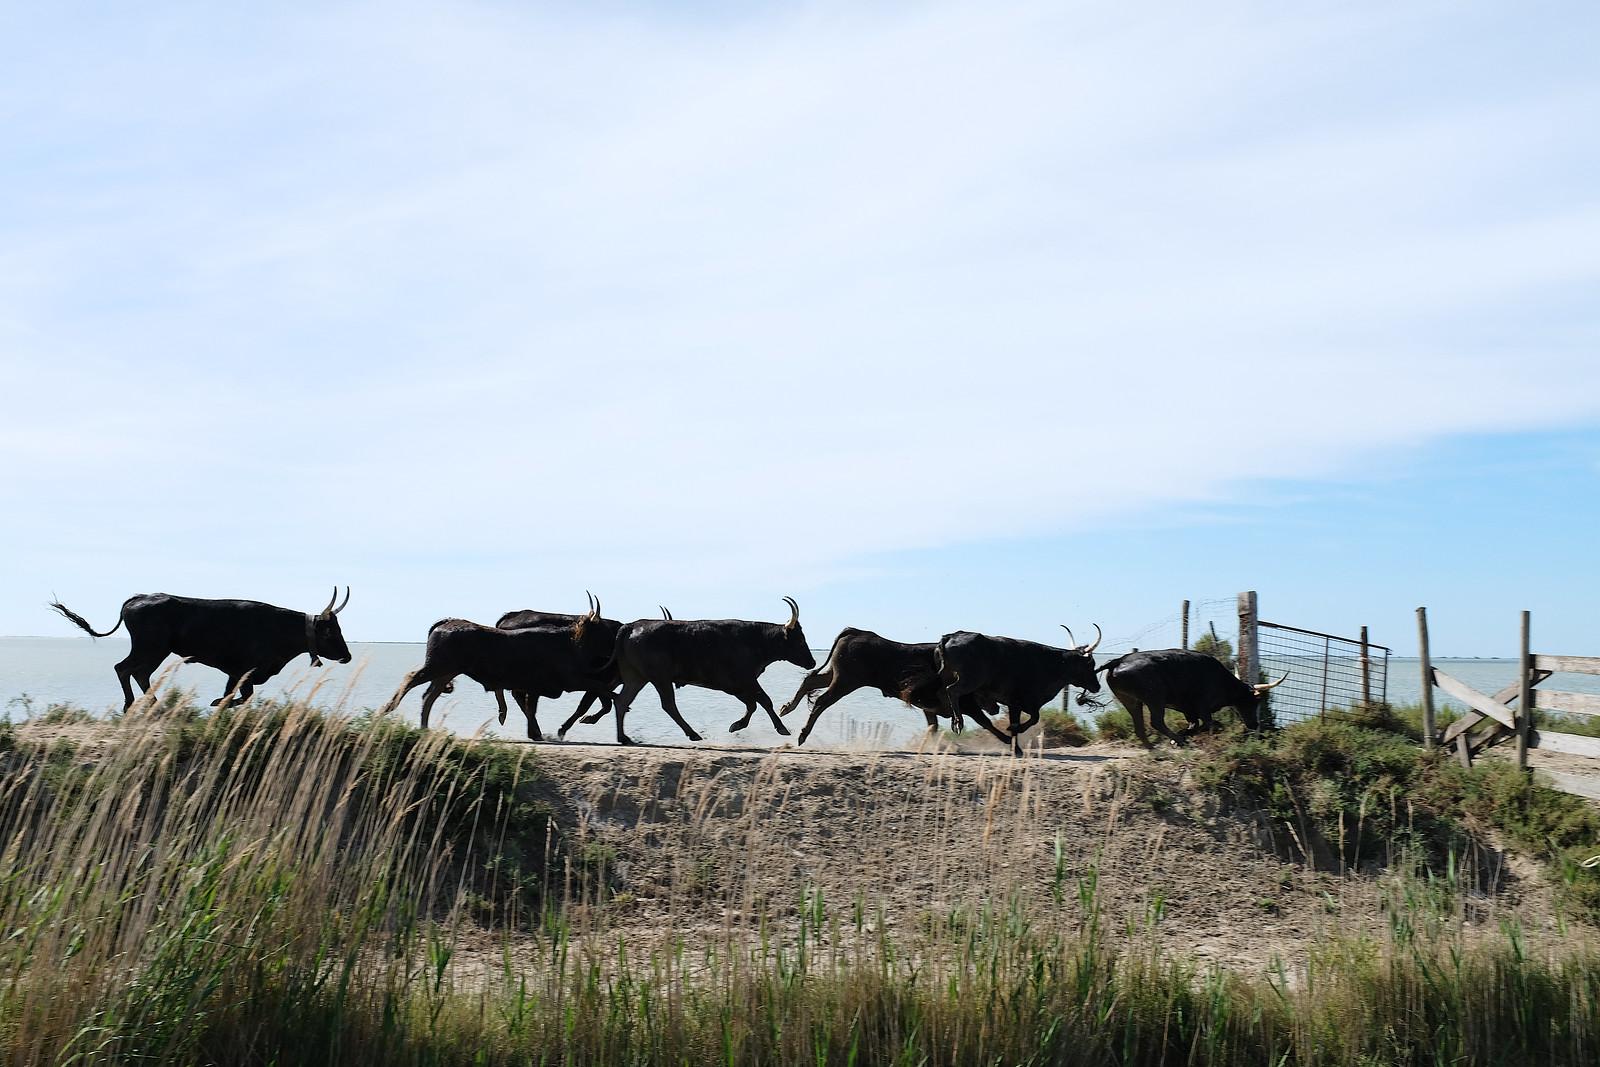 Black bulls run through a gate